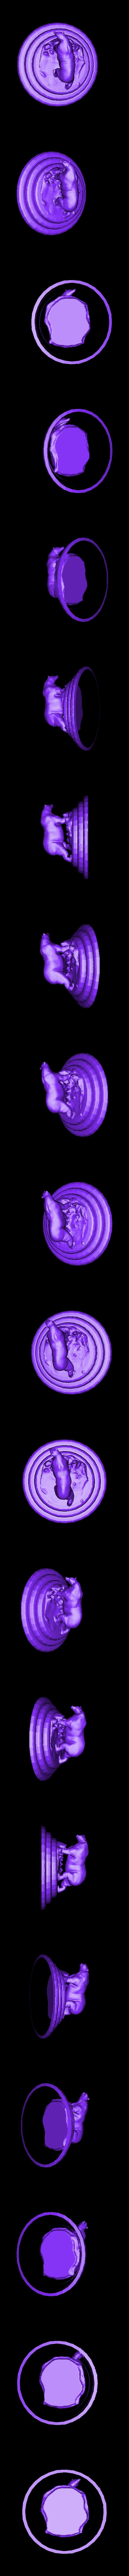 """BEAR.stl Télécharger fichier STL gratuit Ours polaire """"Justin"""" • Design imprimable en 3D, Boris3dStudio"""